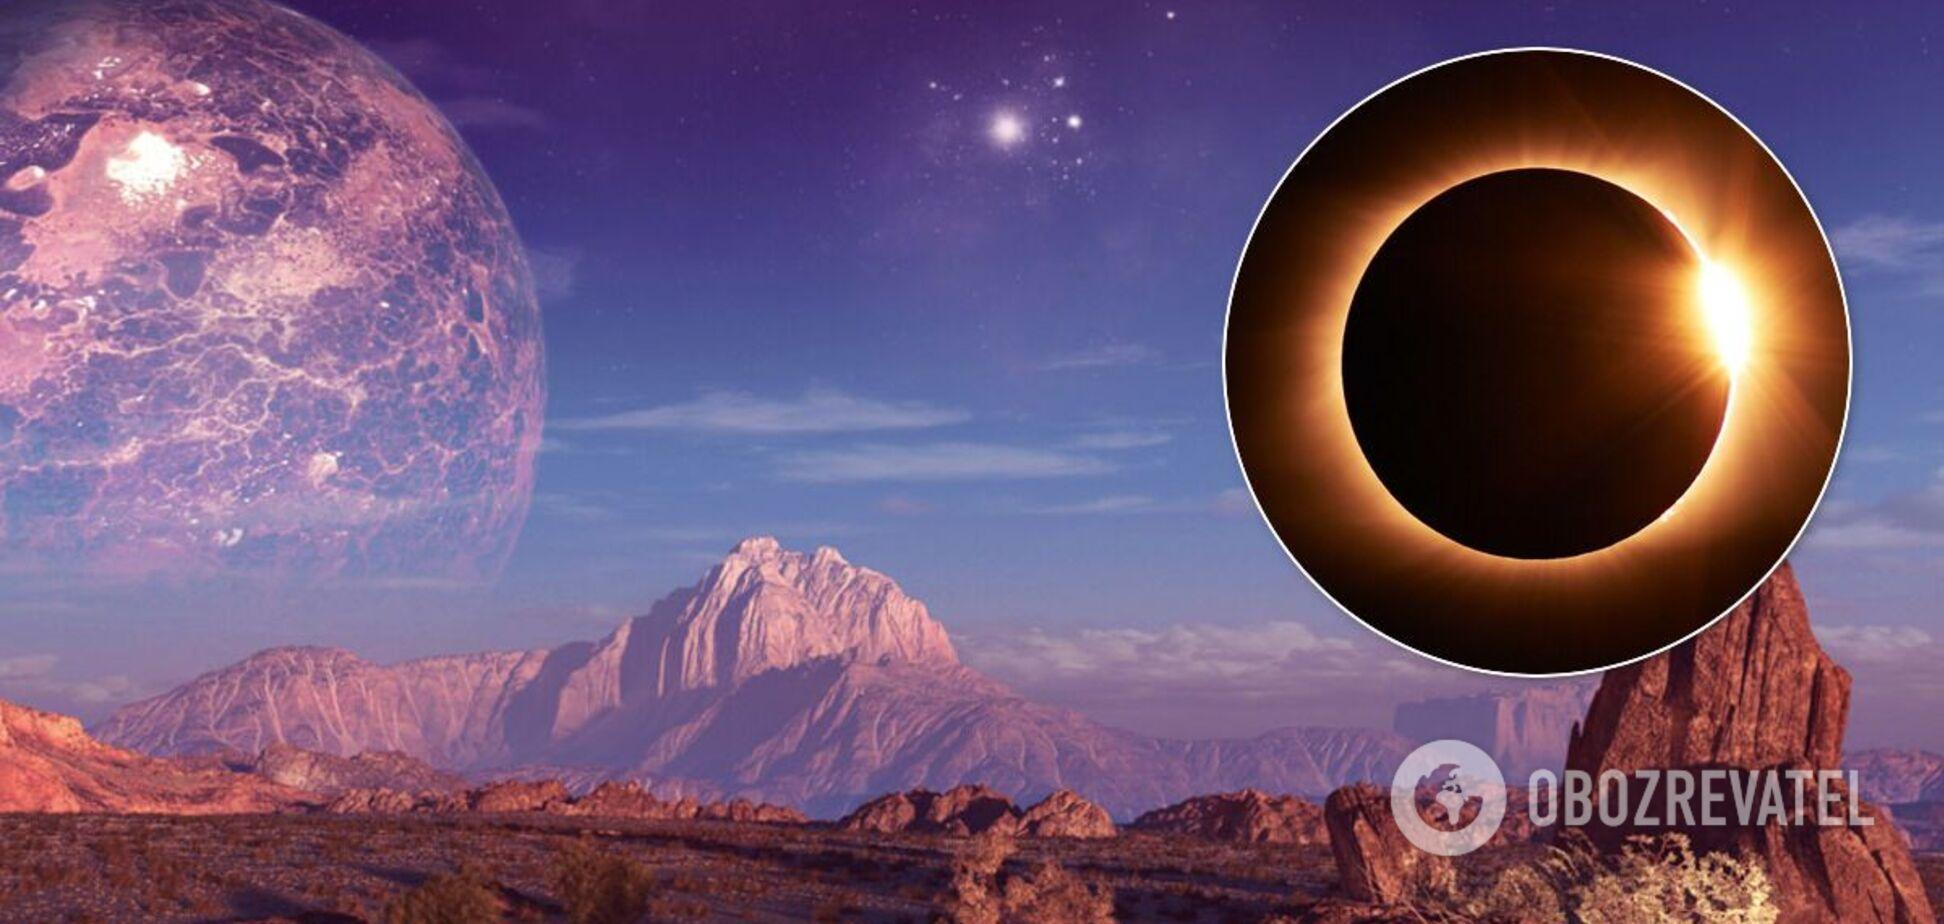 Затемнення 14 грудня активує трансформацію року